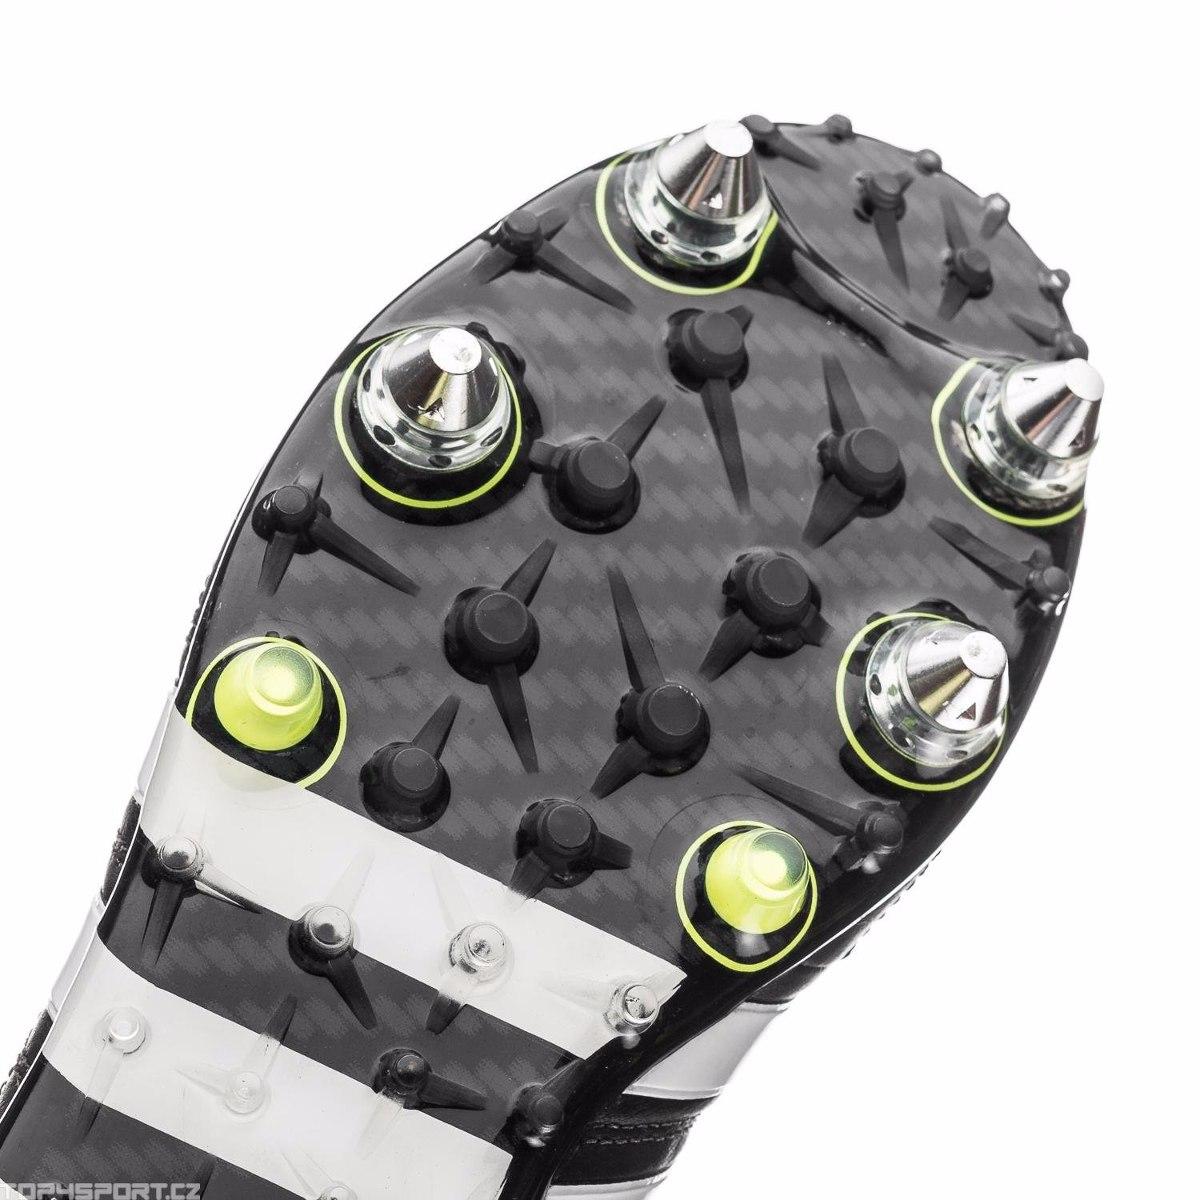 17a351247e508 chuteira adidas ace 15.1 sg couro pro leather novo 1magnus. Carregando zoom.